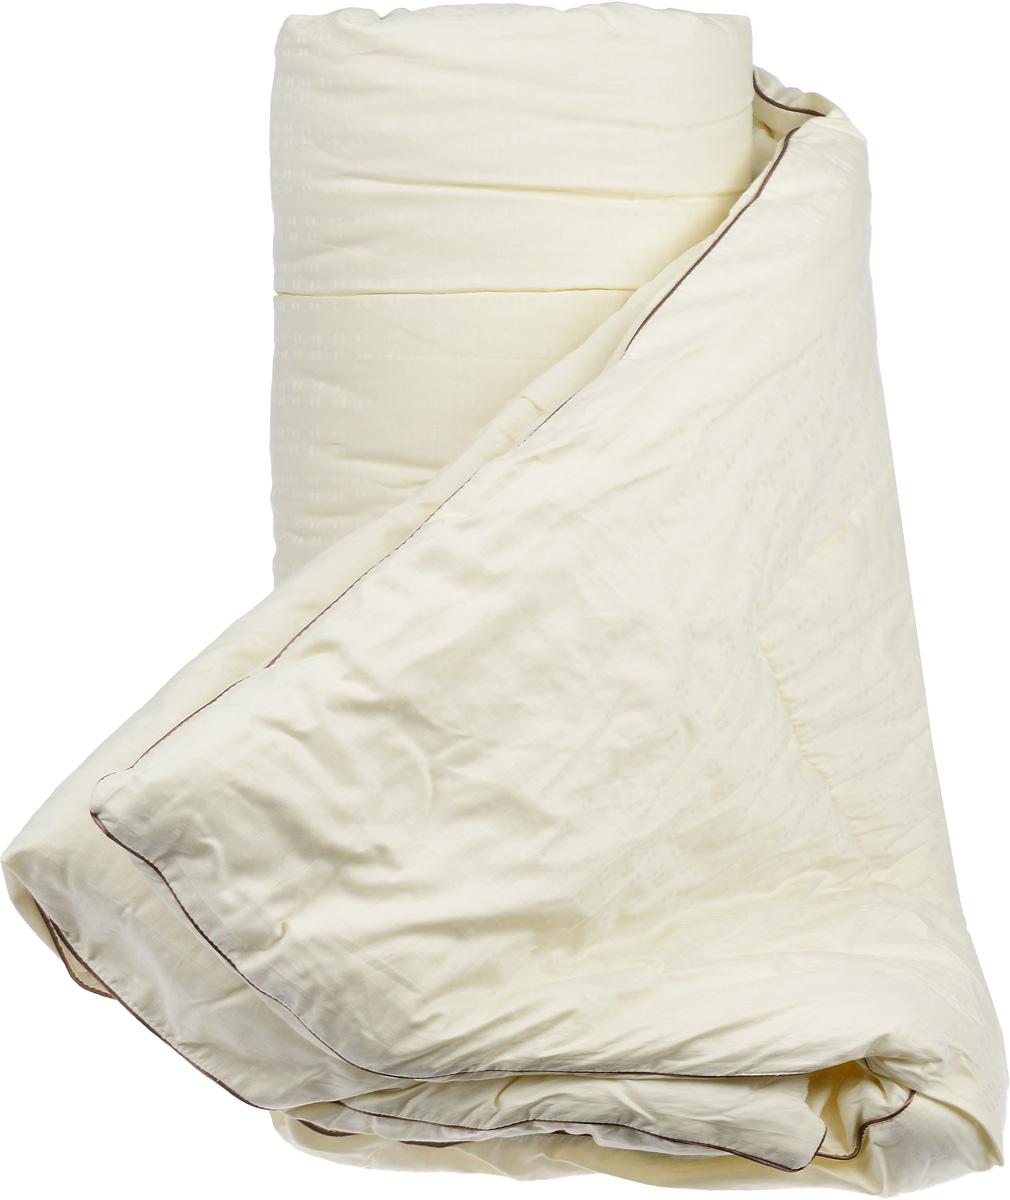 Одеяло теплое Легкие сны Милана, наполнитель: шерсть кашмирской козы, 200 х 220 см200(34)03-КШТеплое одеяло Легкие сны Милана с наполнителем из шерсти кашмирской козы расслабит, снимет усталость и подарит вам спокойный и здоровый сон. Пух горной козы не содержит органических жиров, в нем не заводятся пылевые клещи, вызывающие аллергические реакции. Он очень легкий и обладает отличной теплоемкостью. Одеяла из такого наполнителя имеют широкий диапазон климатической комфортности и благоприятно влияют на самочувствие людей, страдающих заболеваниями опорно-двигательной системы.Шерстяные волокна, получаемые из чесаной шерсти горной козы, имеют полую структуру, придающую изделиям высокую износоустойчивость.Чехол одеяла, выполненный из сатина (100% хлопка), отлично пропускает воздух, создавая эффект сухого тепла.Одеяло простегано и окантовано. Стежка надежно удерживает наполнитель внутри и не позволяет ему скатываться. Плотность наполнителя: 300 г/м2.